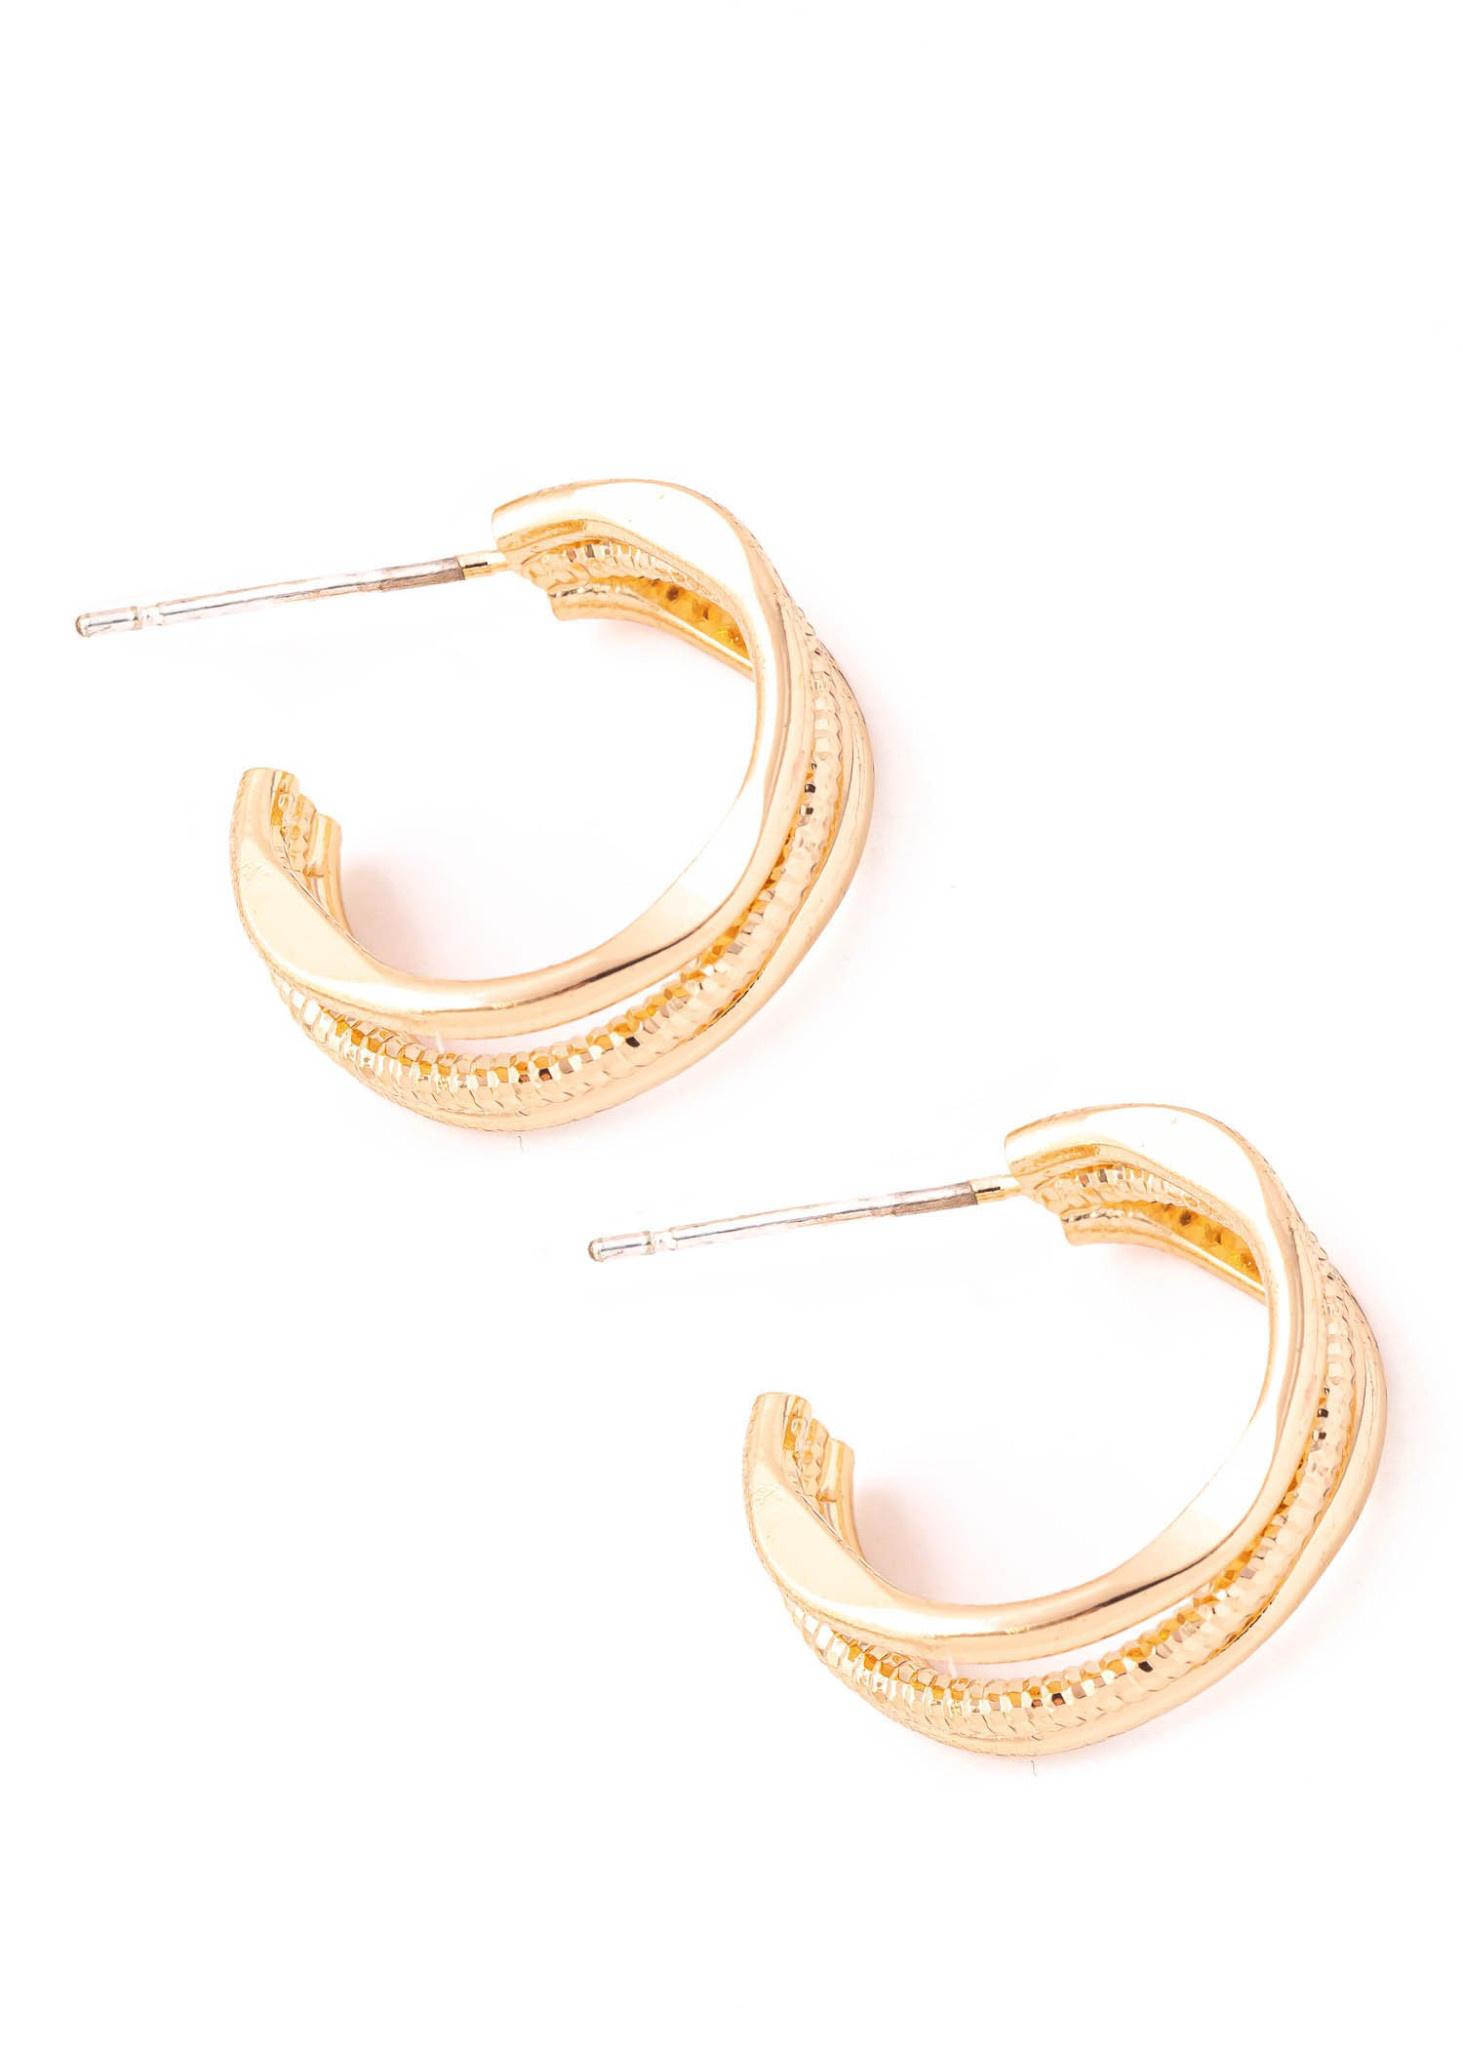 ANZA GOLD HOOP EARRINGS